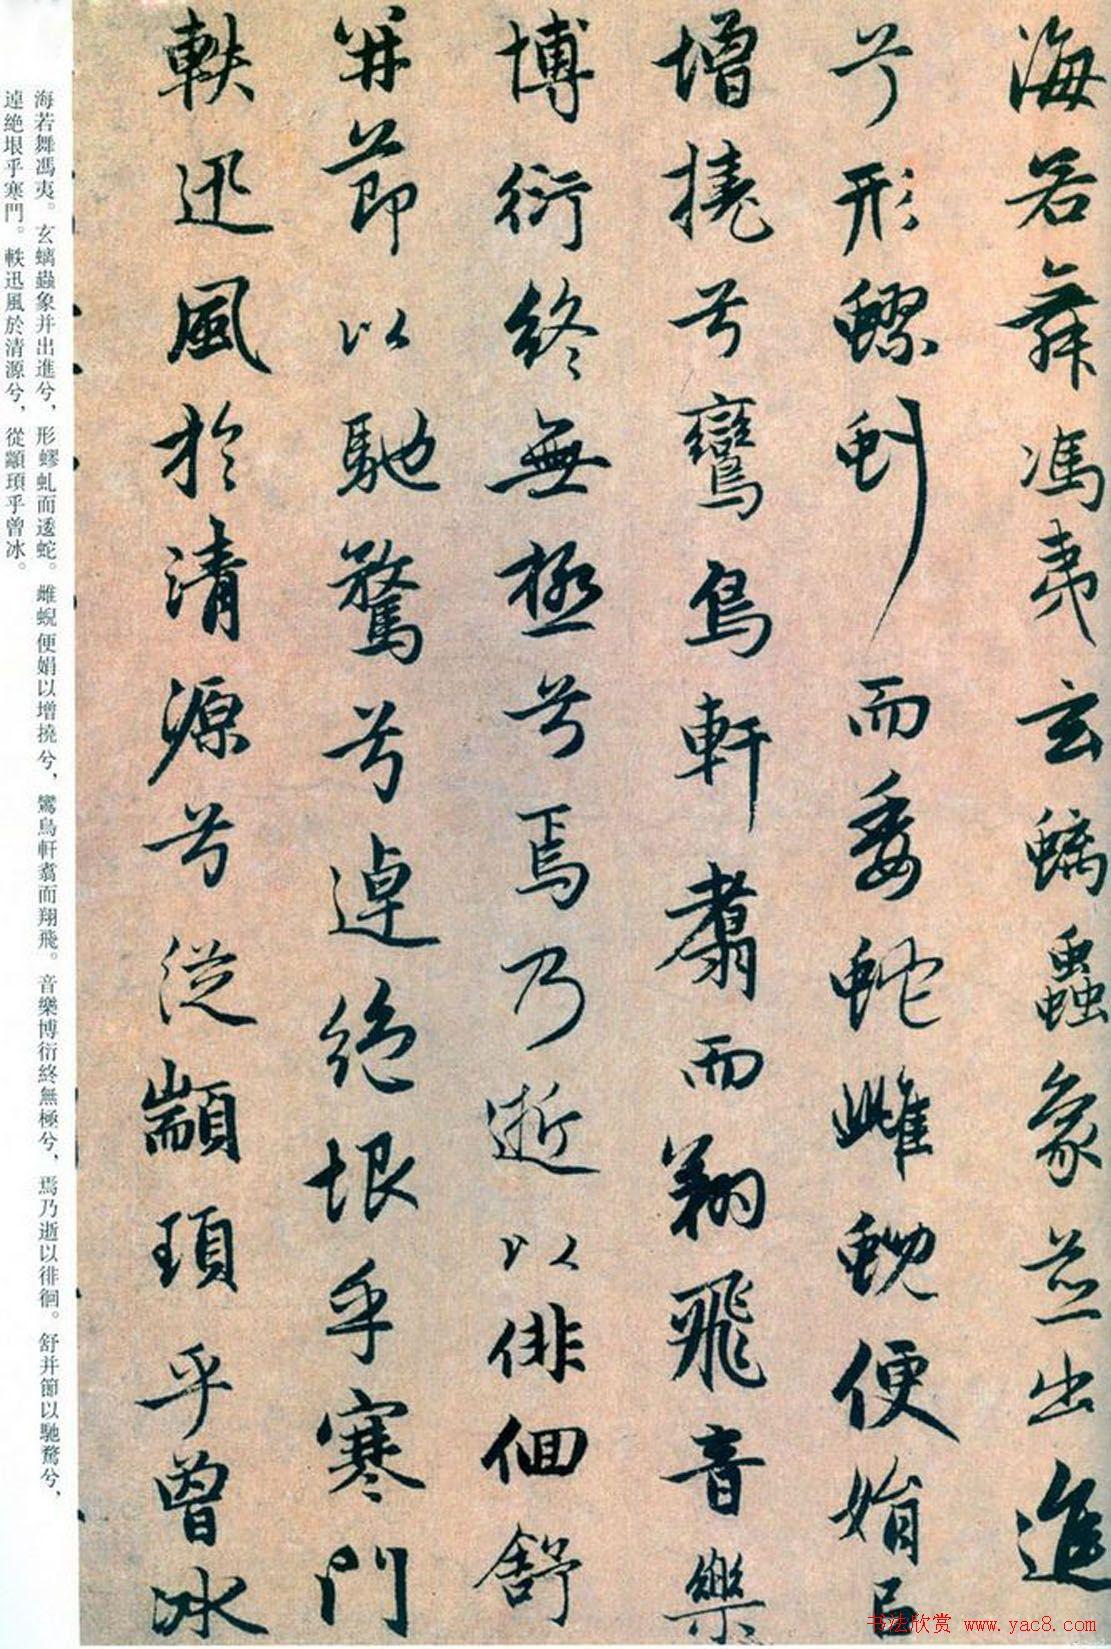 赵孟頫书法陆游诗《远游》墨迹